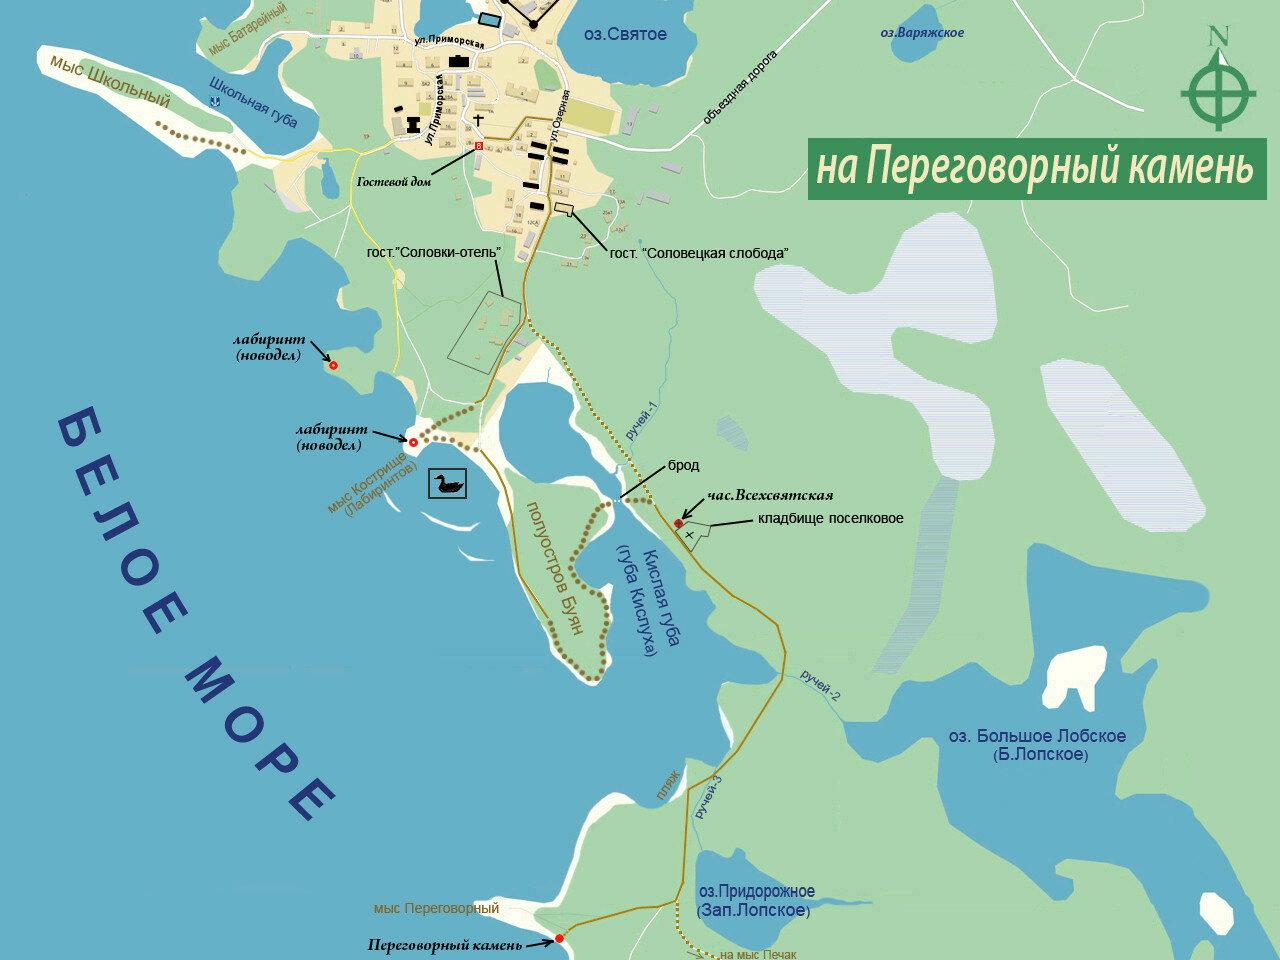 Переговорный камень на Соловках. Автор фото: Юрий Семенов